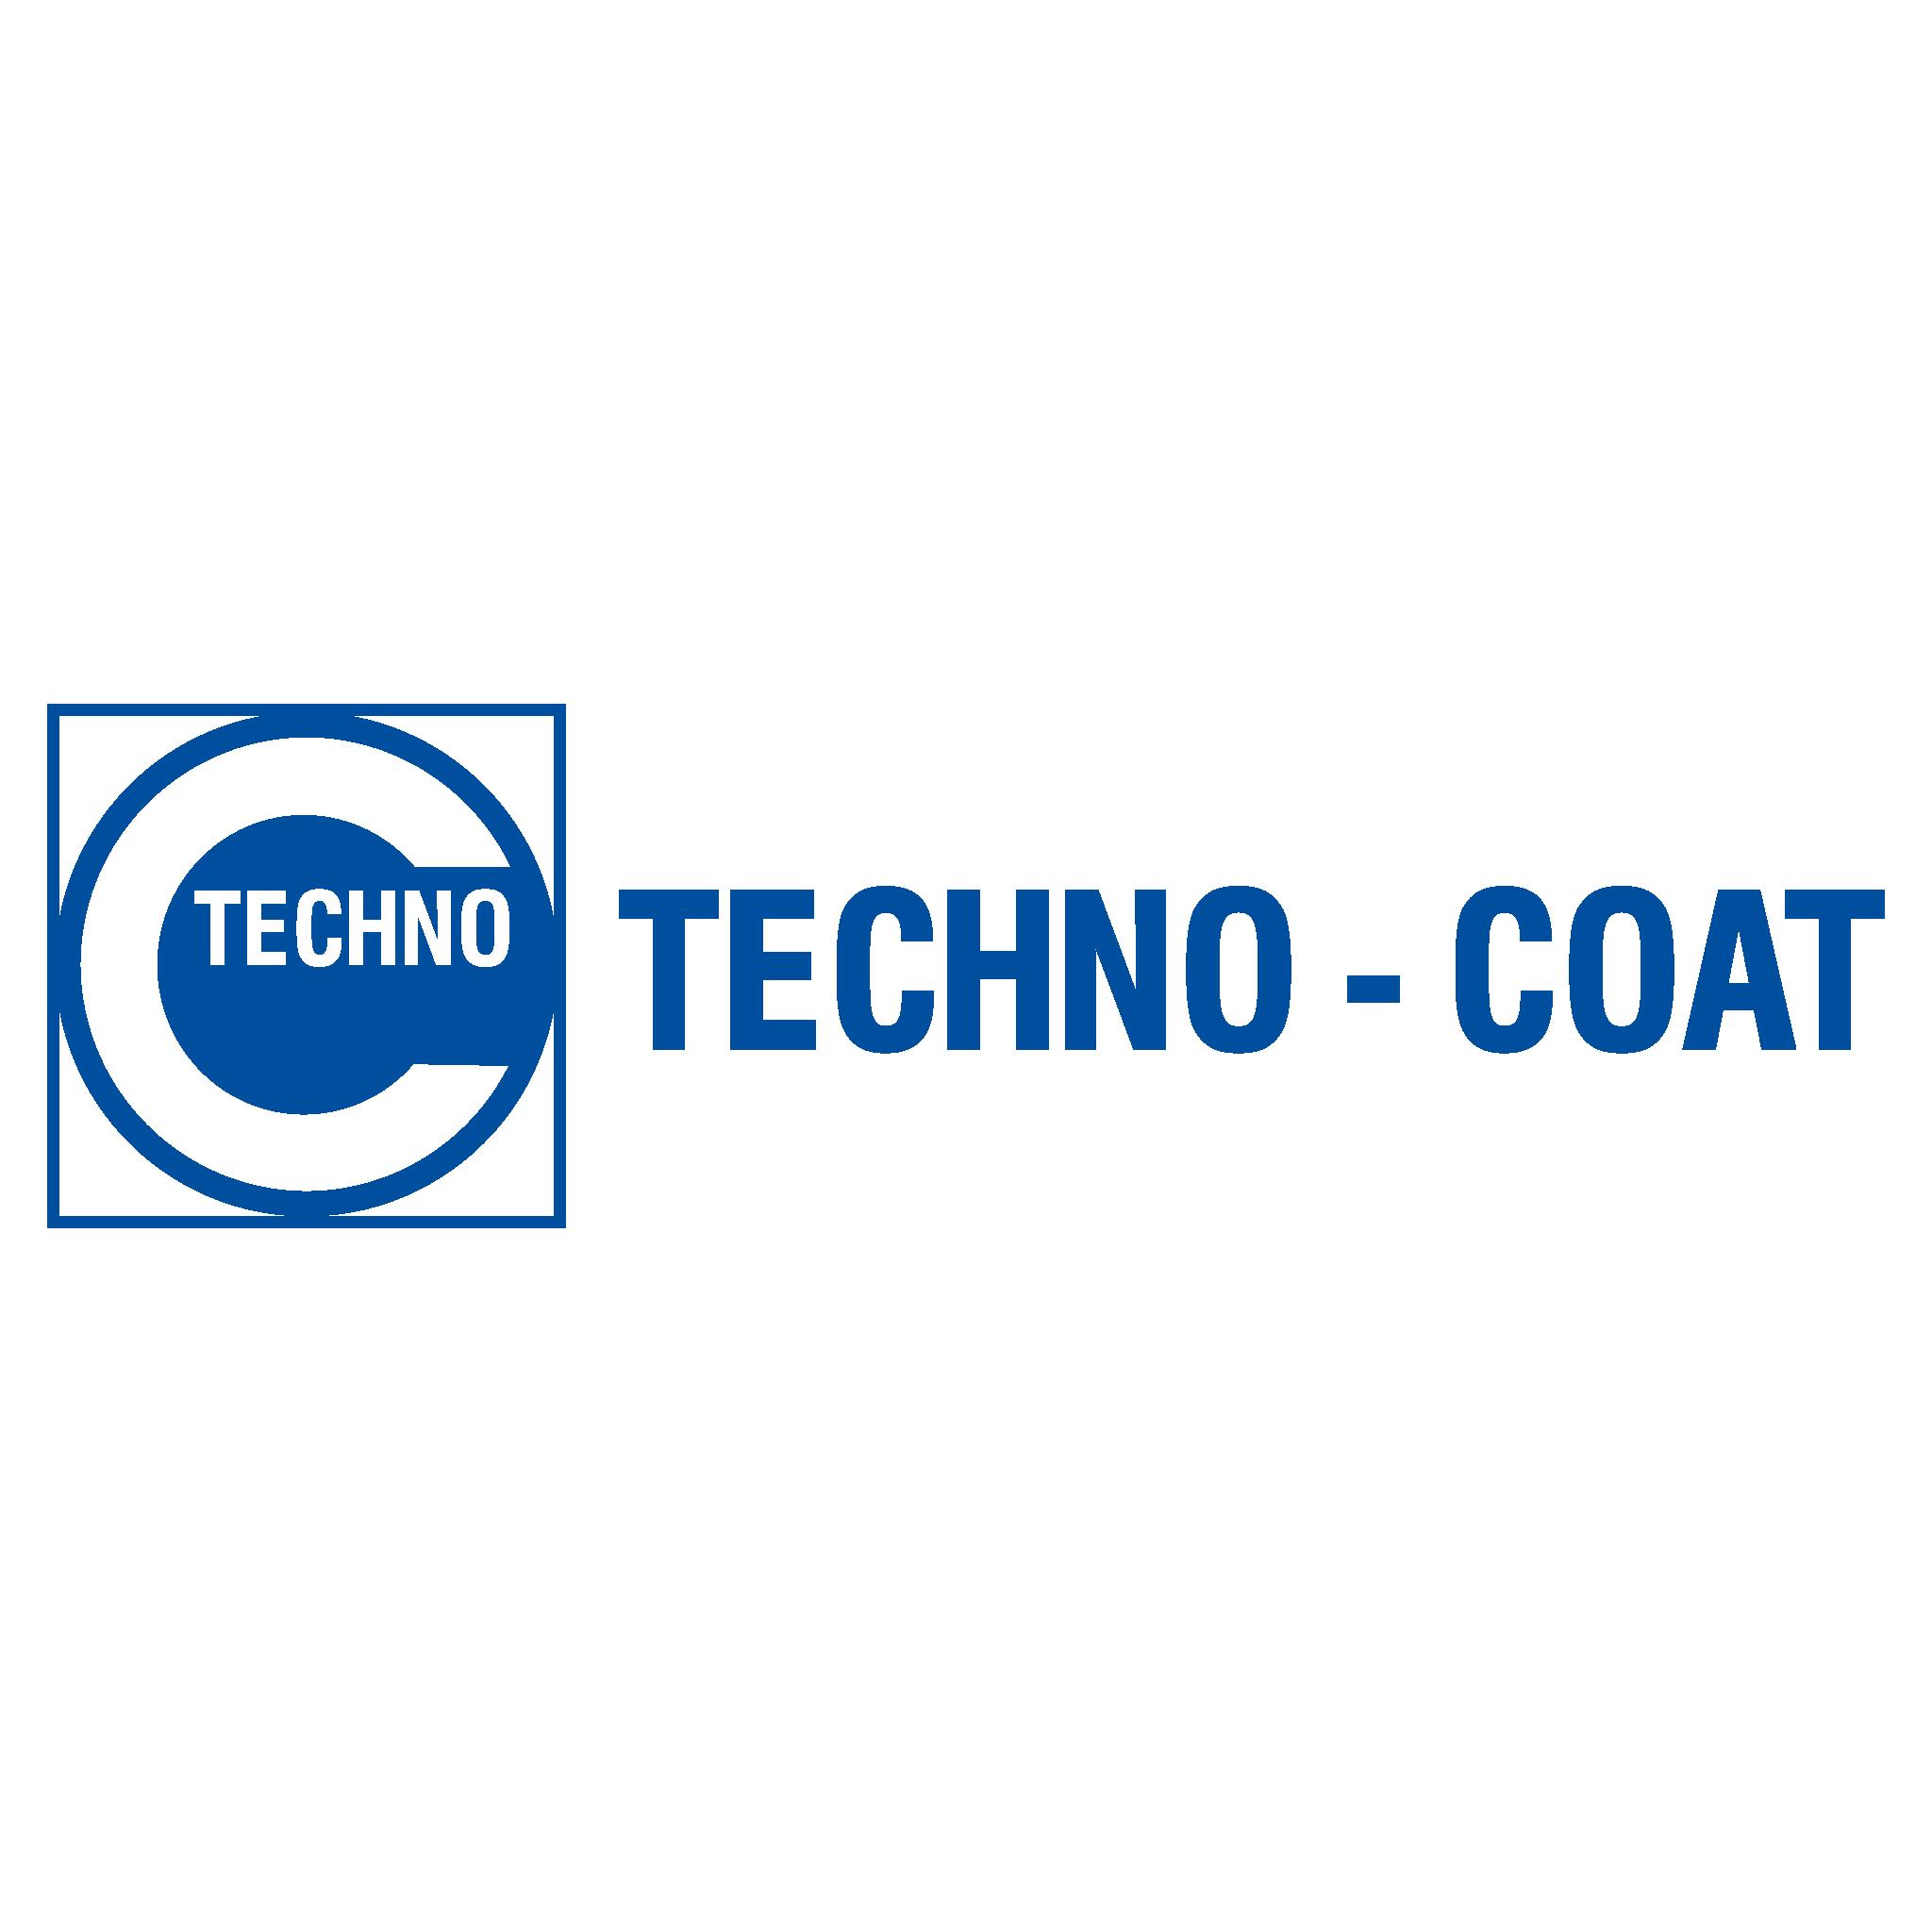 TECHNO-COAT Oberflächentechnik